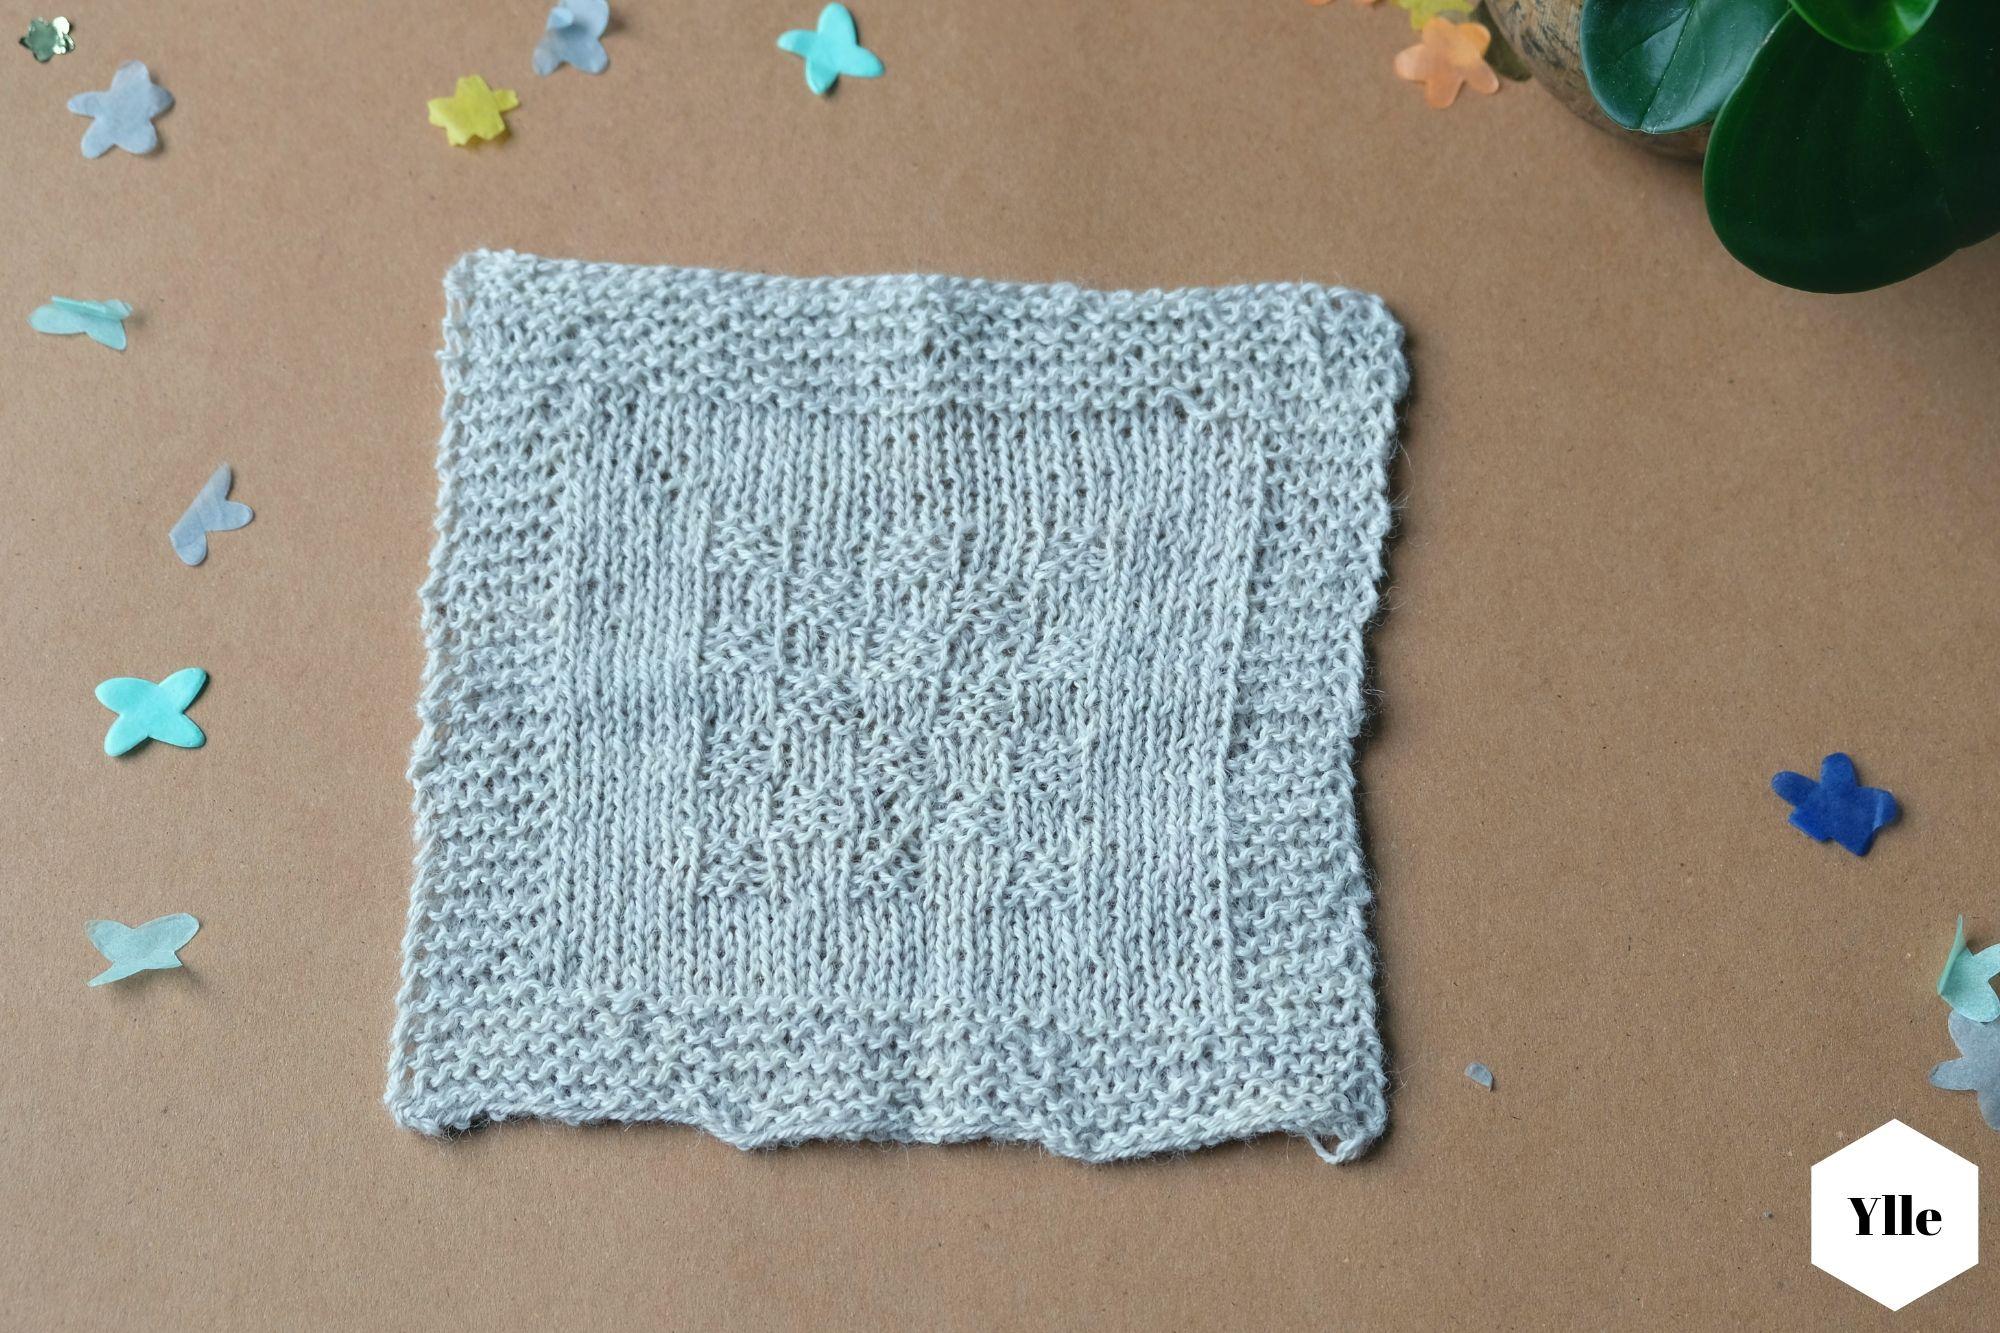 Anleitung rechteckige Babydecke aus Alpaka Wolle stricken